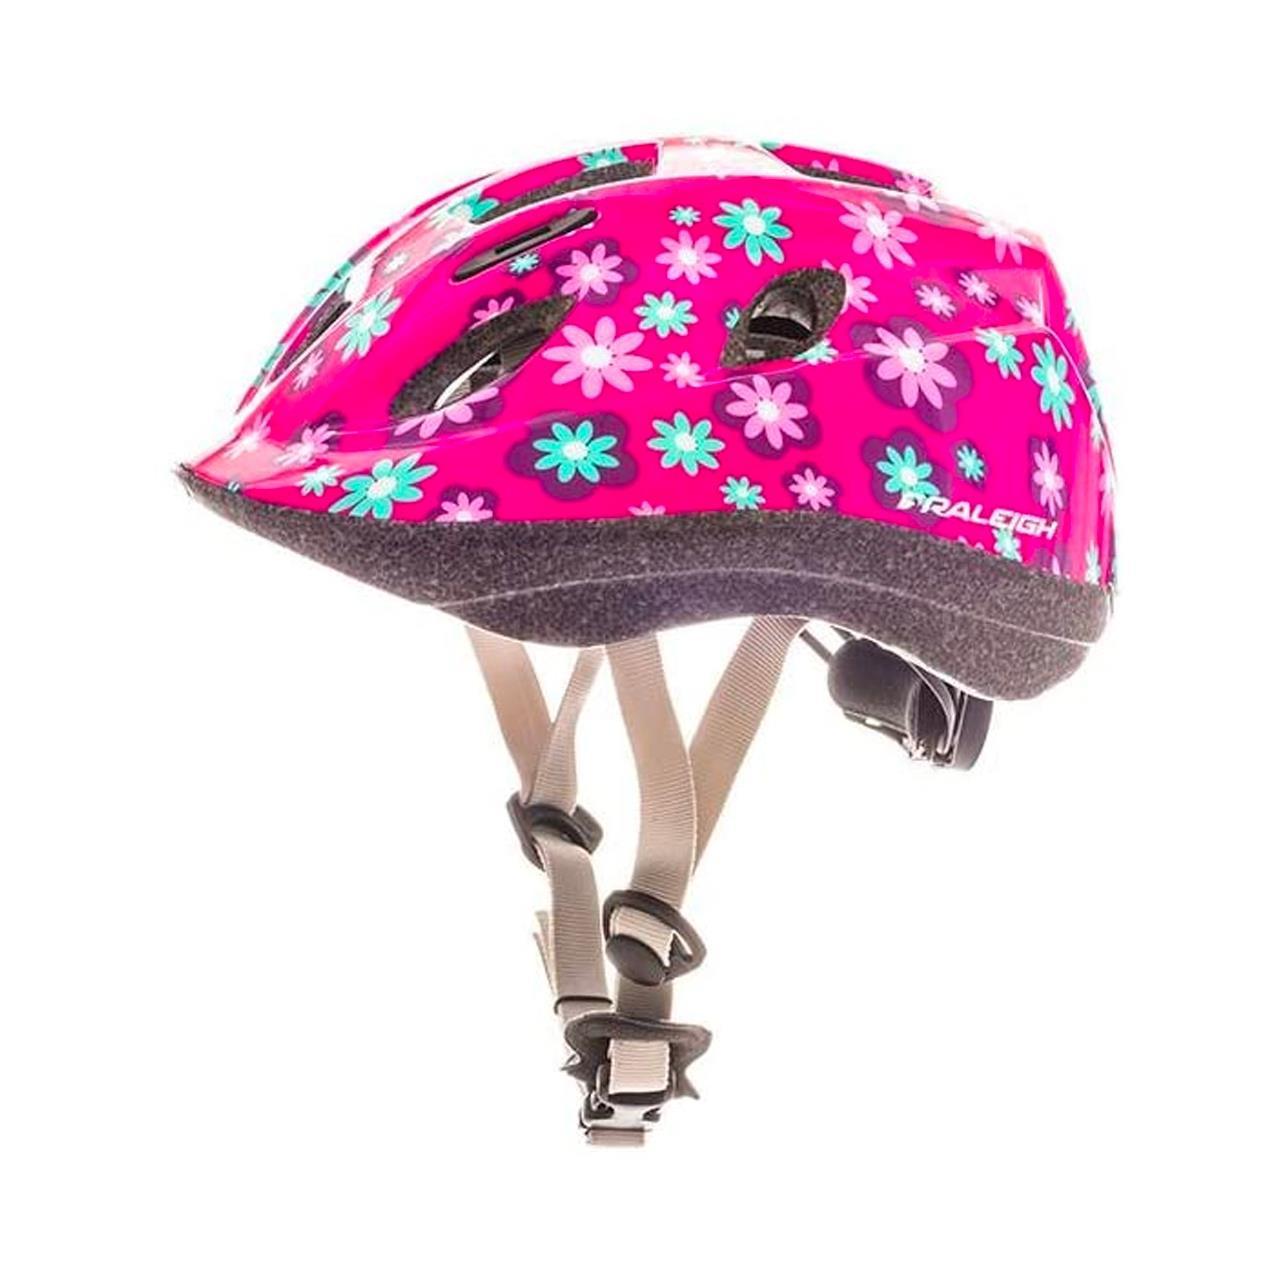 Raleigh Kids' Mystery Dottie Cycle Helmet